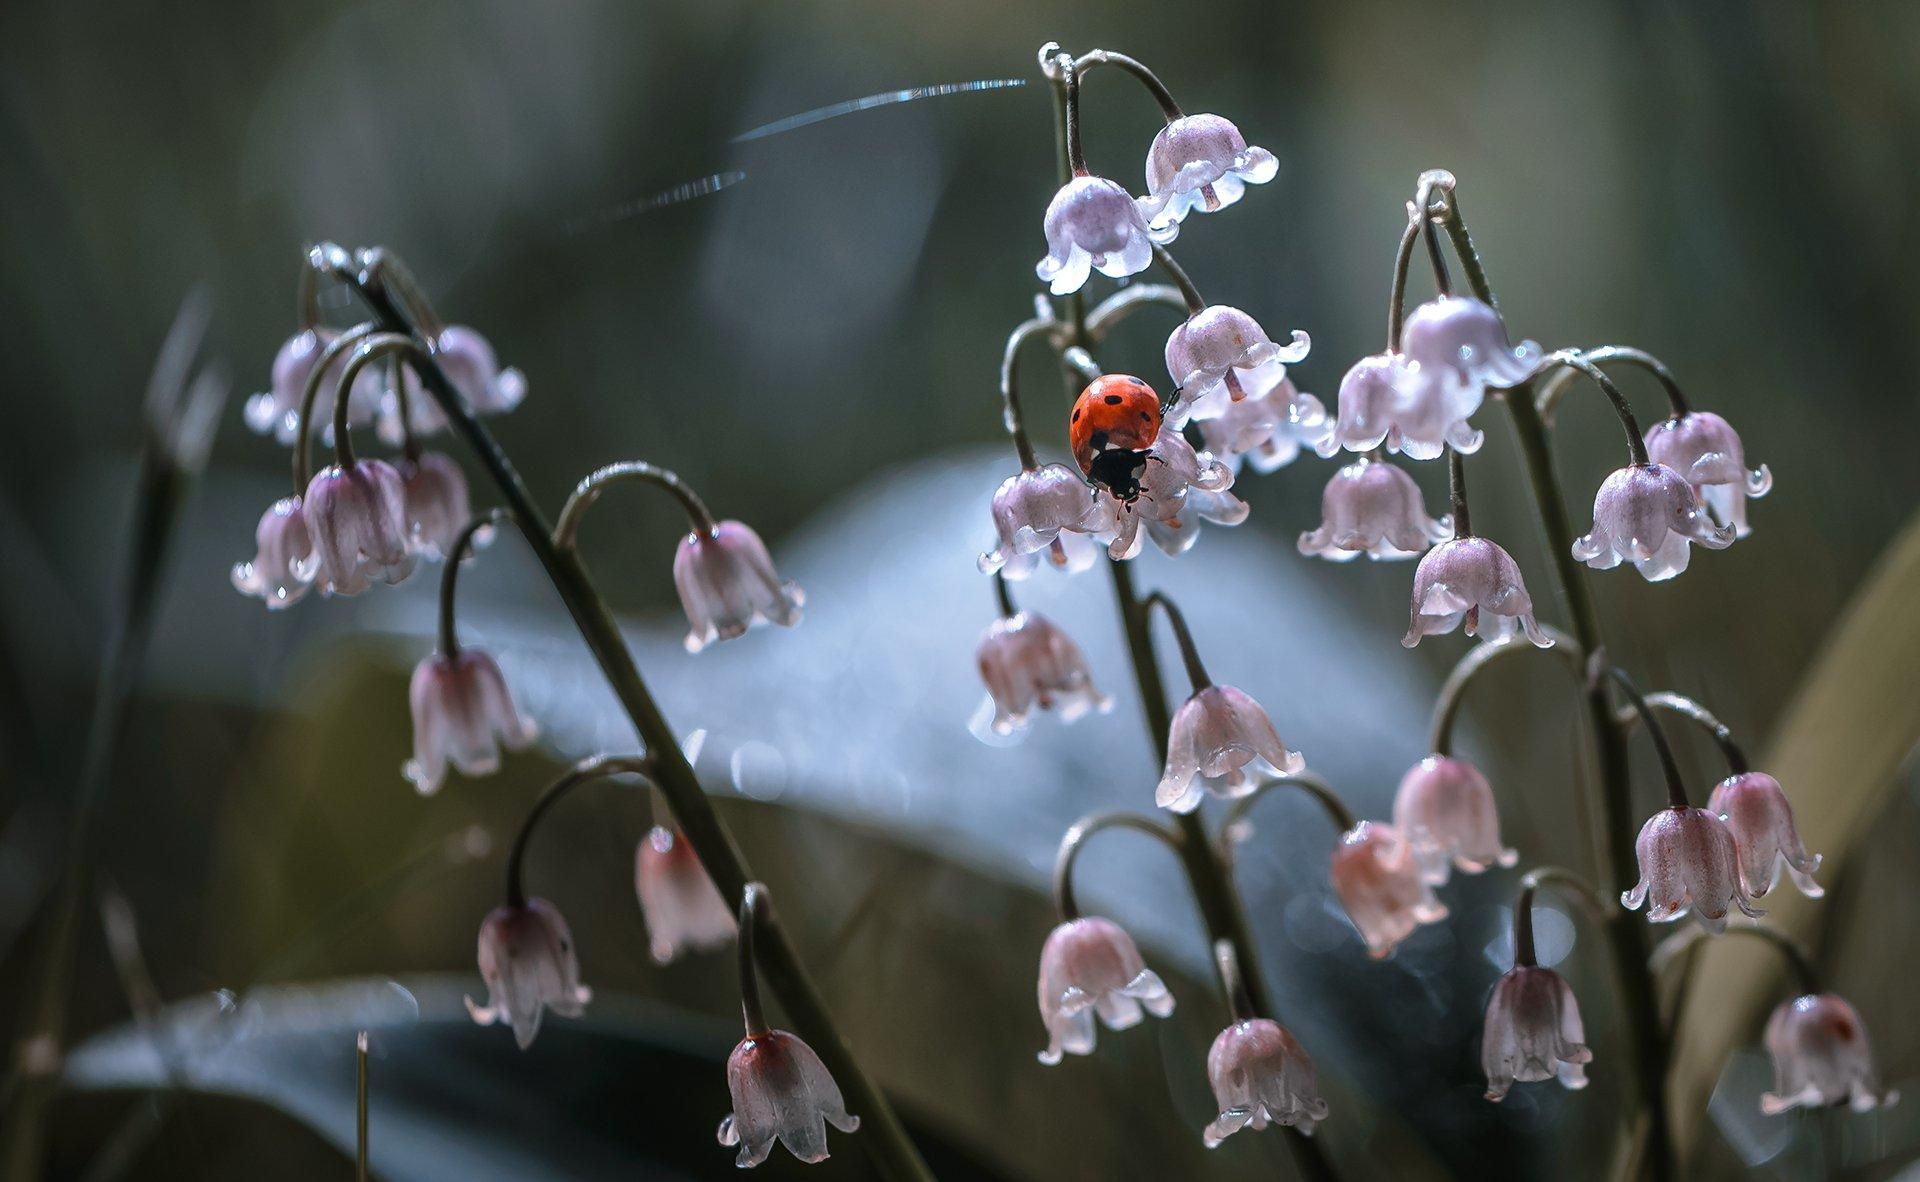 природа, макро, весна, цветы, розовый ландыш, насекомое, жук, божья коровка, Неля Рачкова